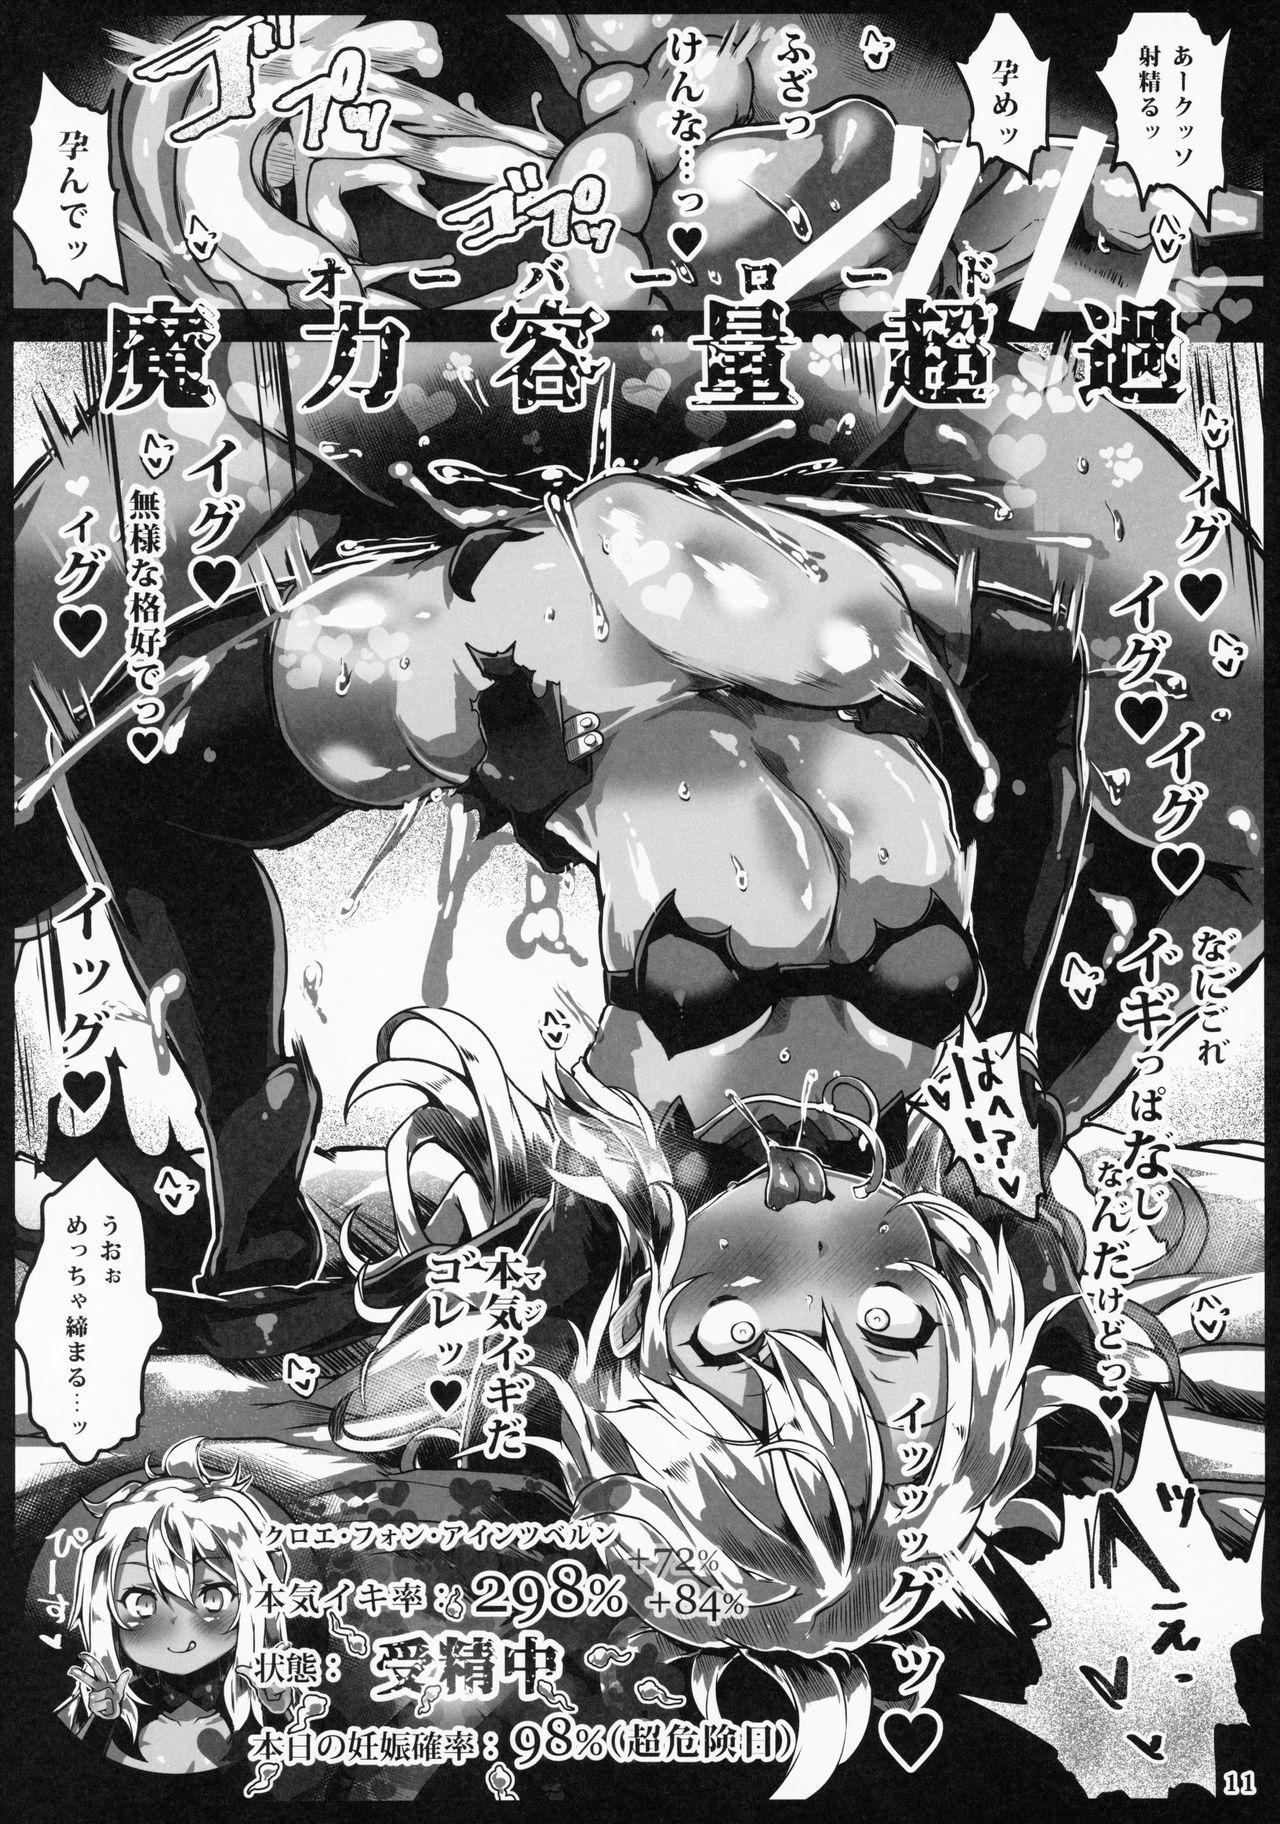 24-jikan Zu~tto Sudden Death de Risei o Girigiri Tamochinagara Otona Kaomake no Egui Sex 11